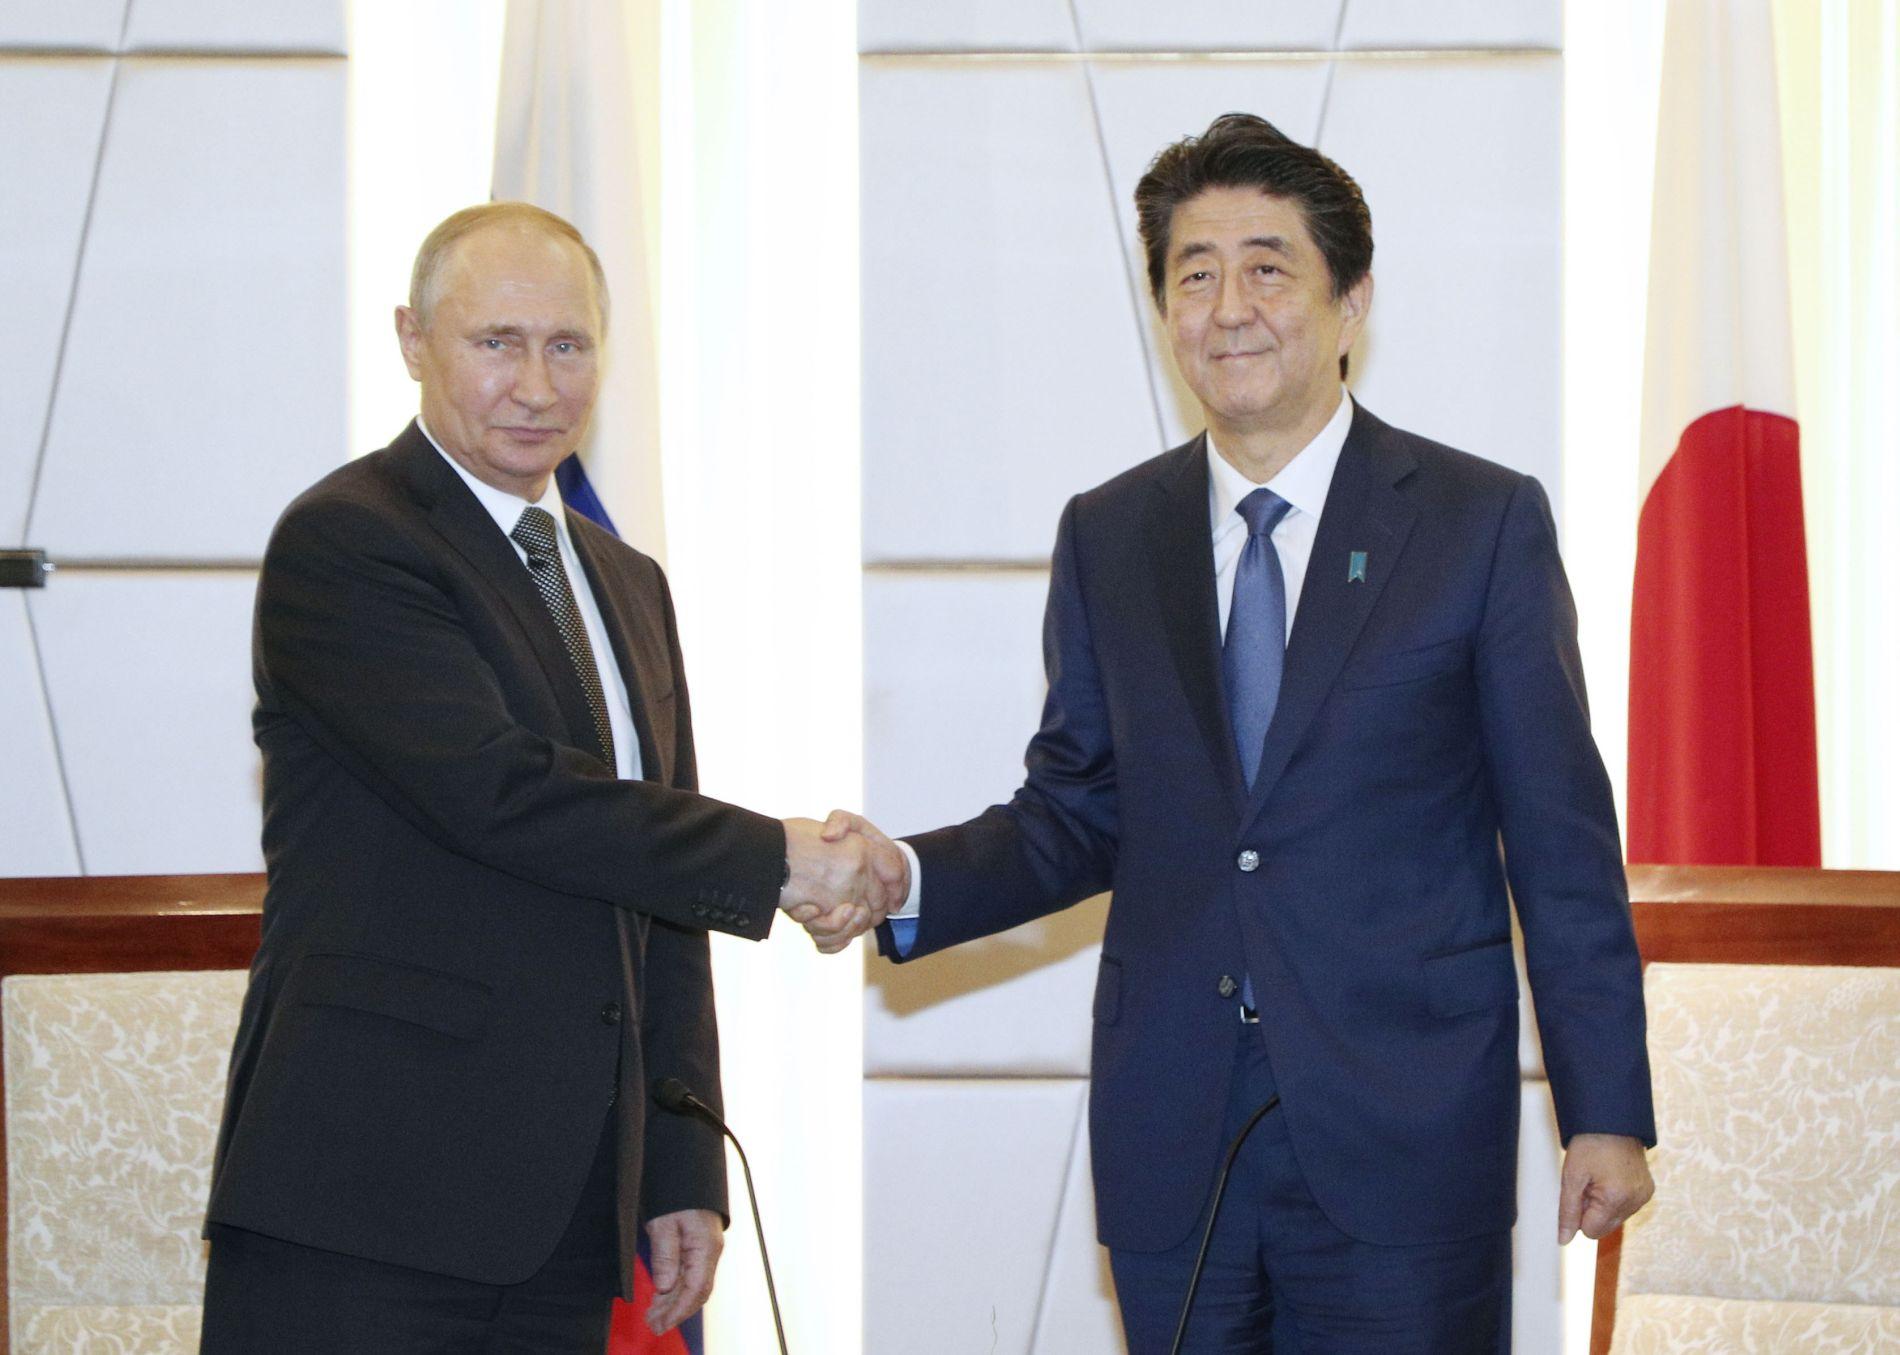 G20 Osaka Summit Russia and Japan Putin Abe Talk 013